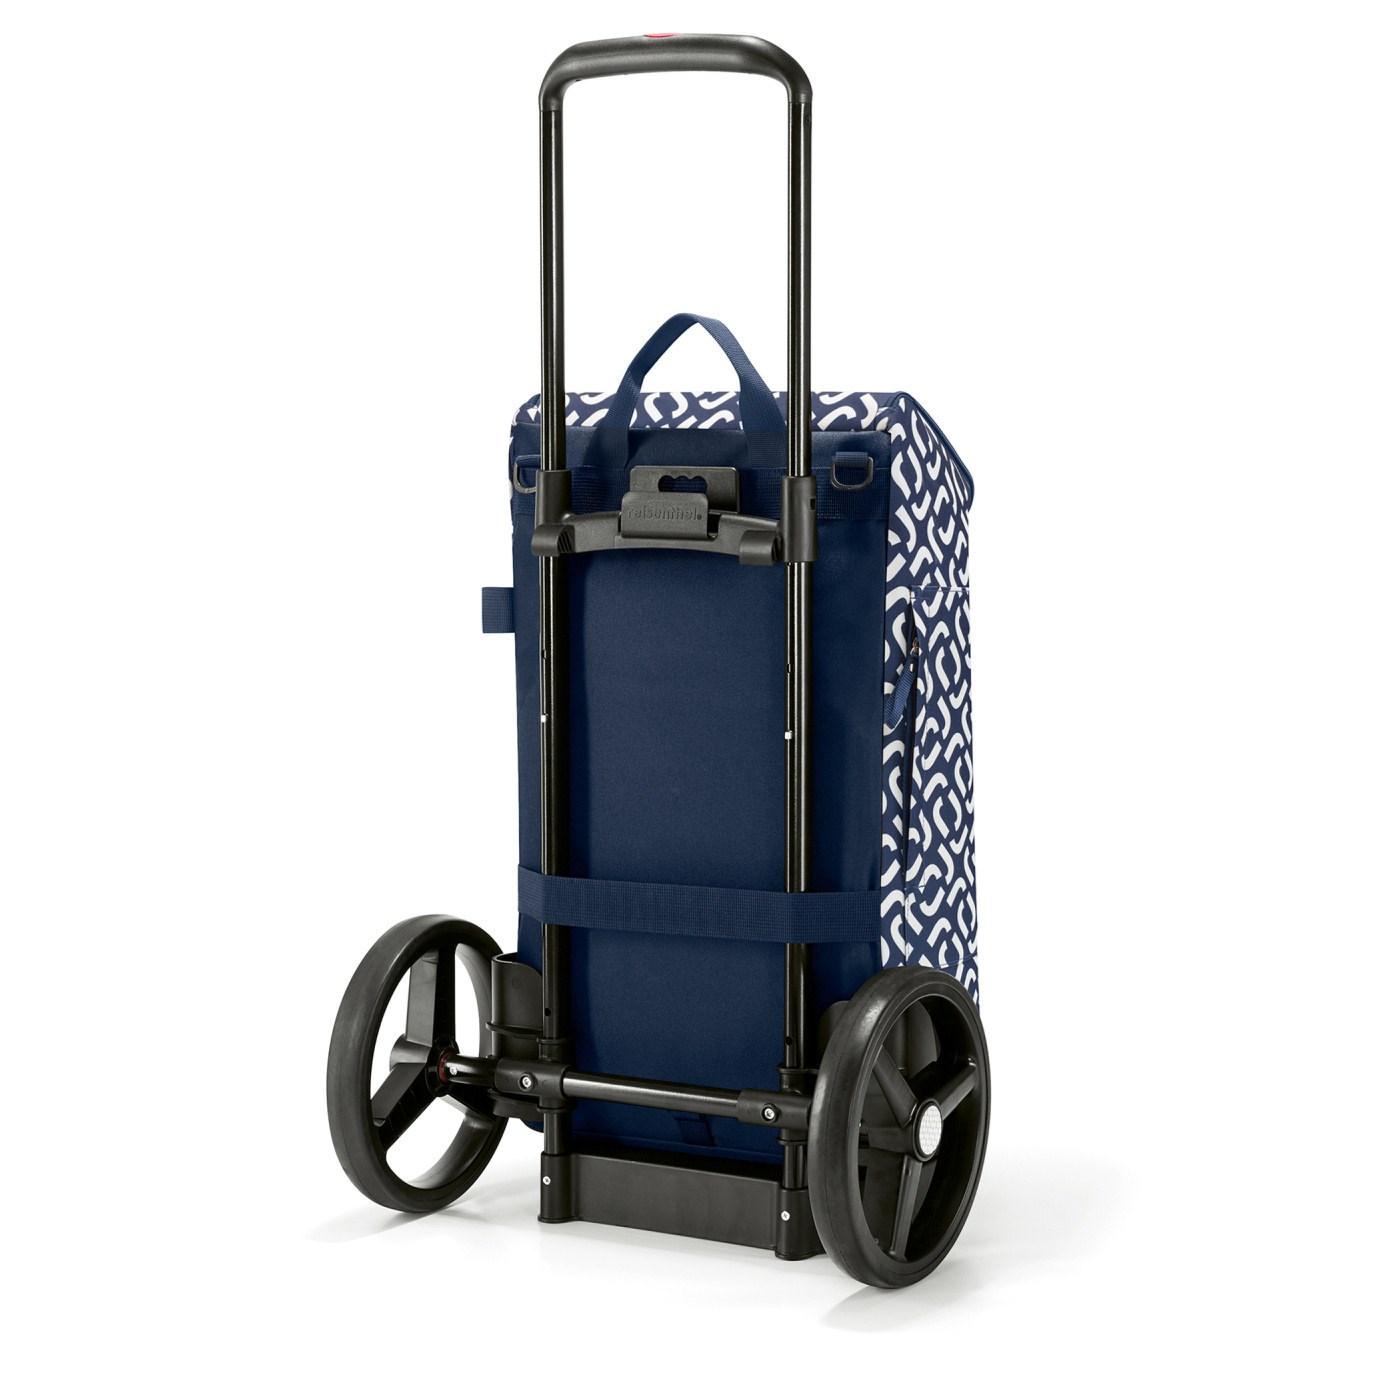 Městská taška Citycruiser Bag signature navy (bez vozíku DE7003!)_1